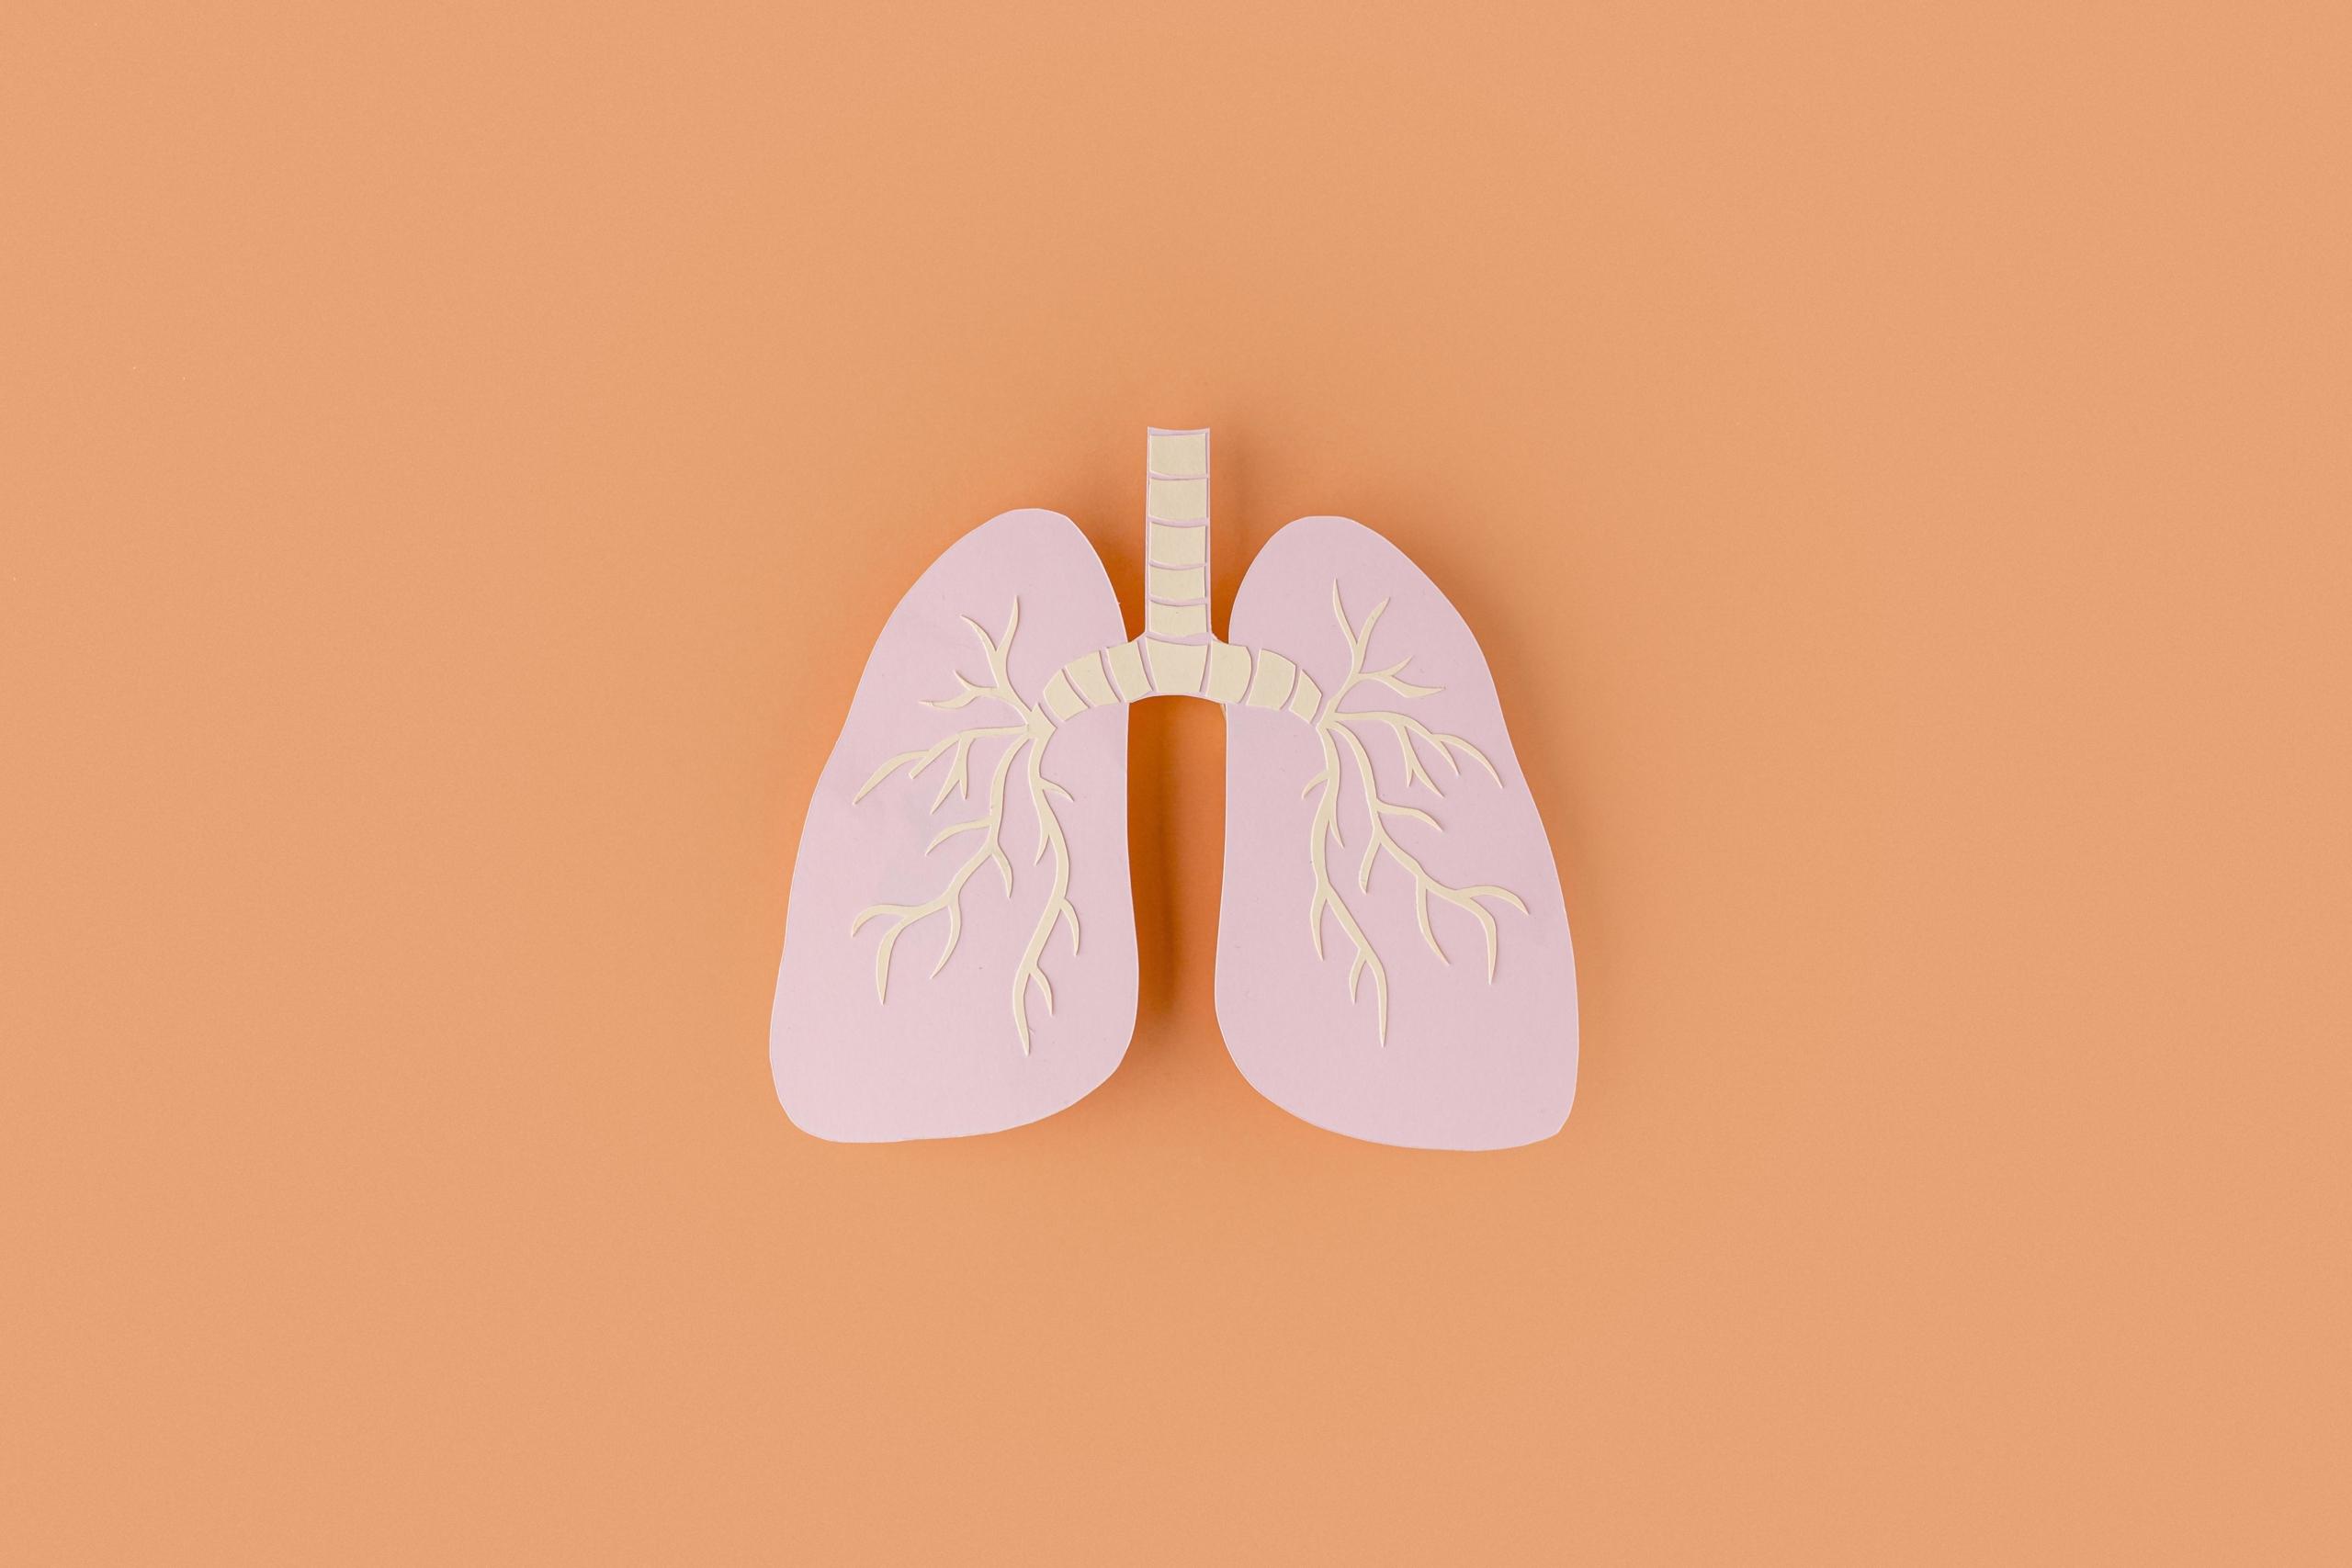 La respiration holotropique : ses principes et bienfaits